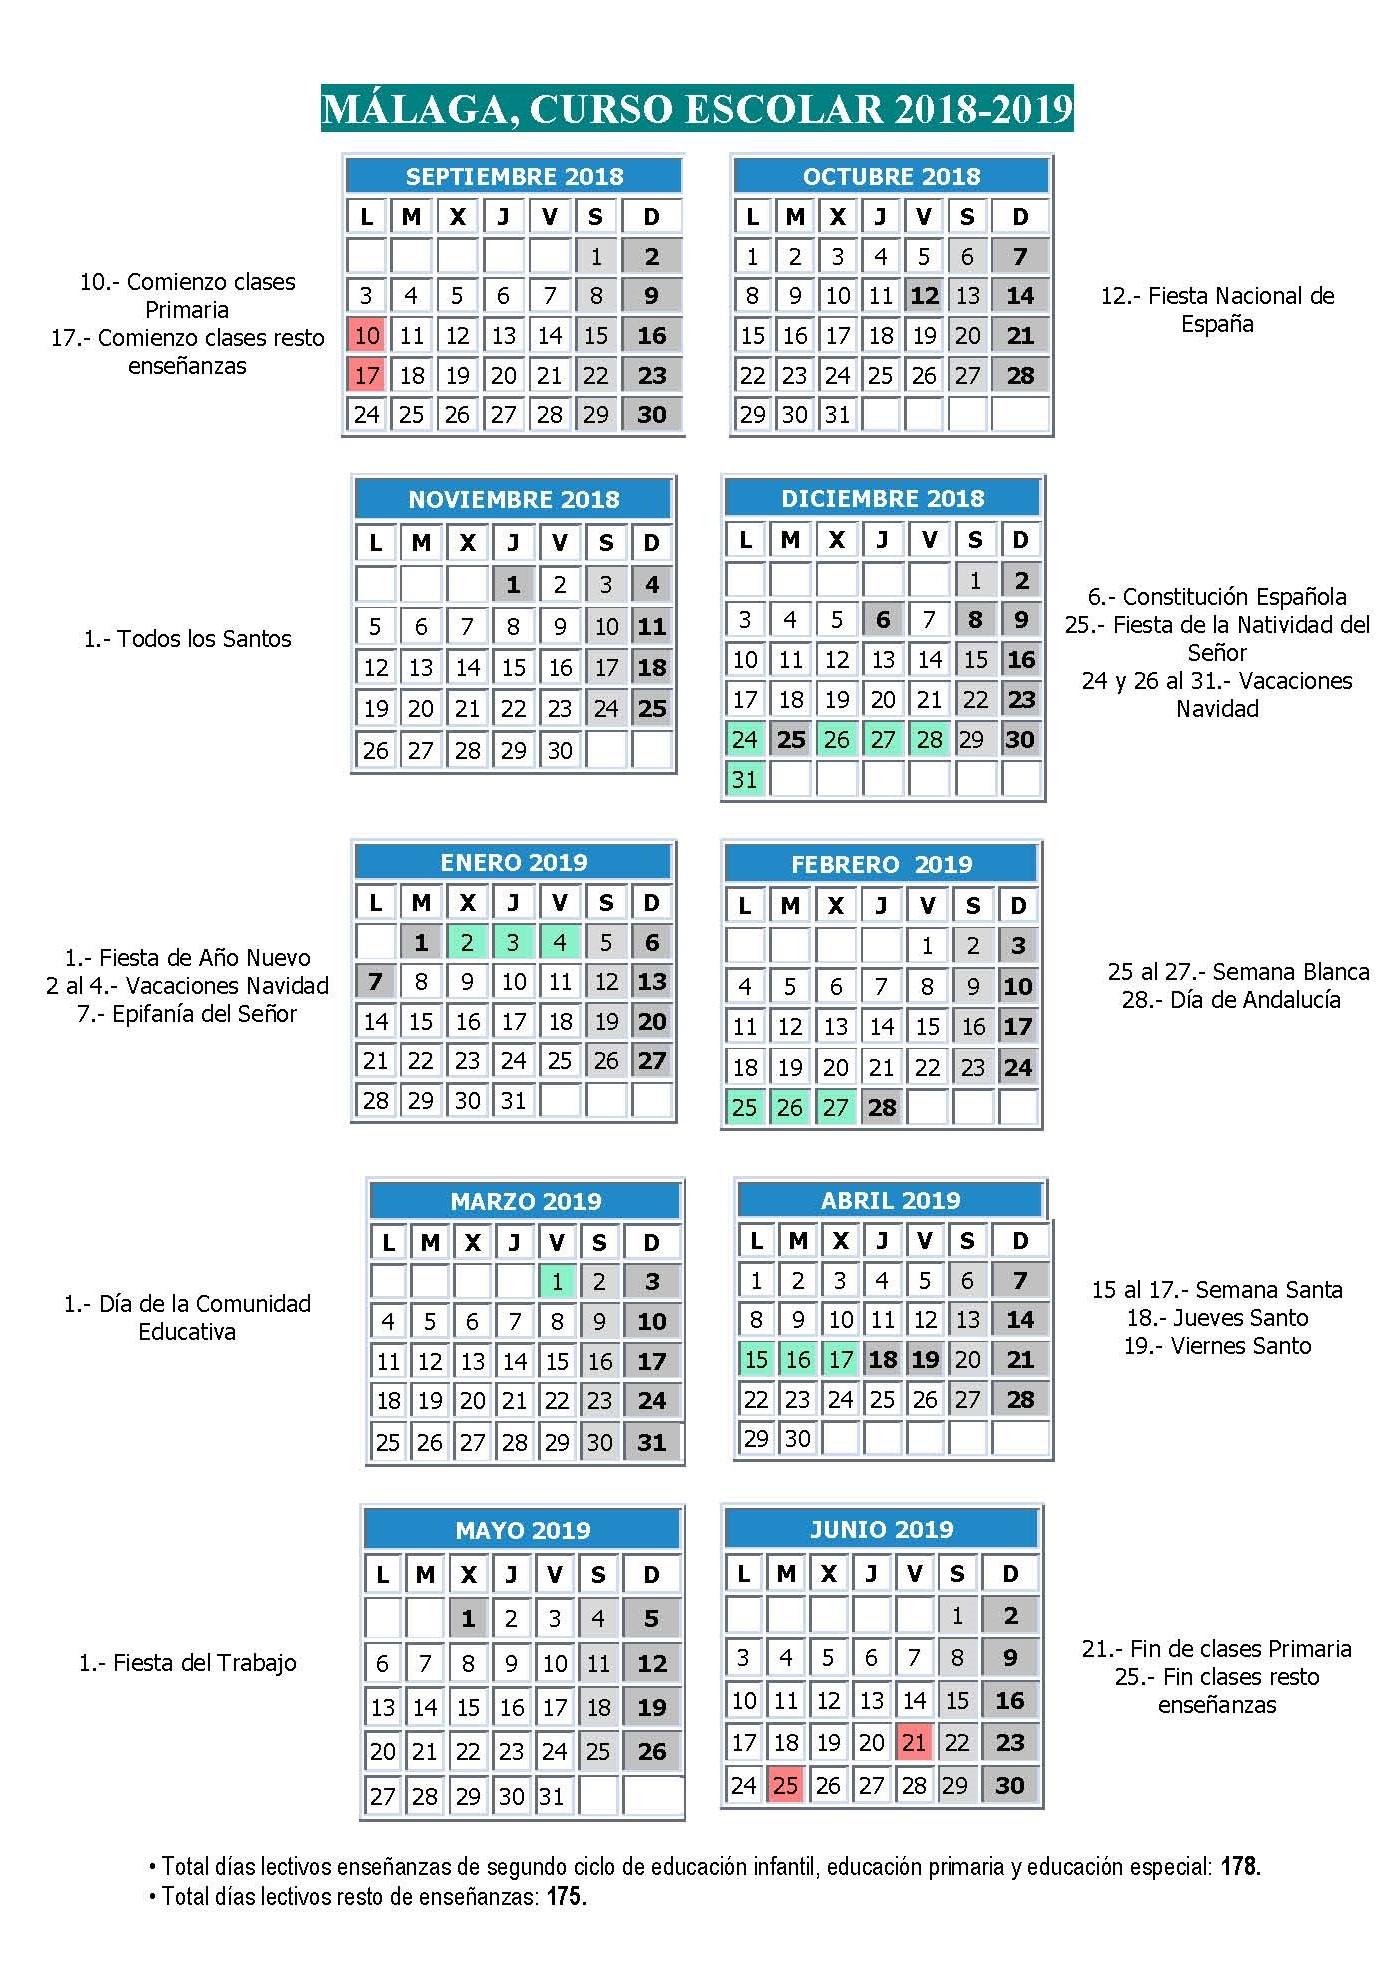 Calendario curso escolar 2018-19 Málaga